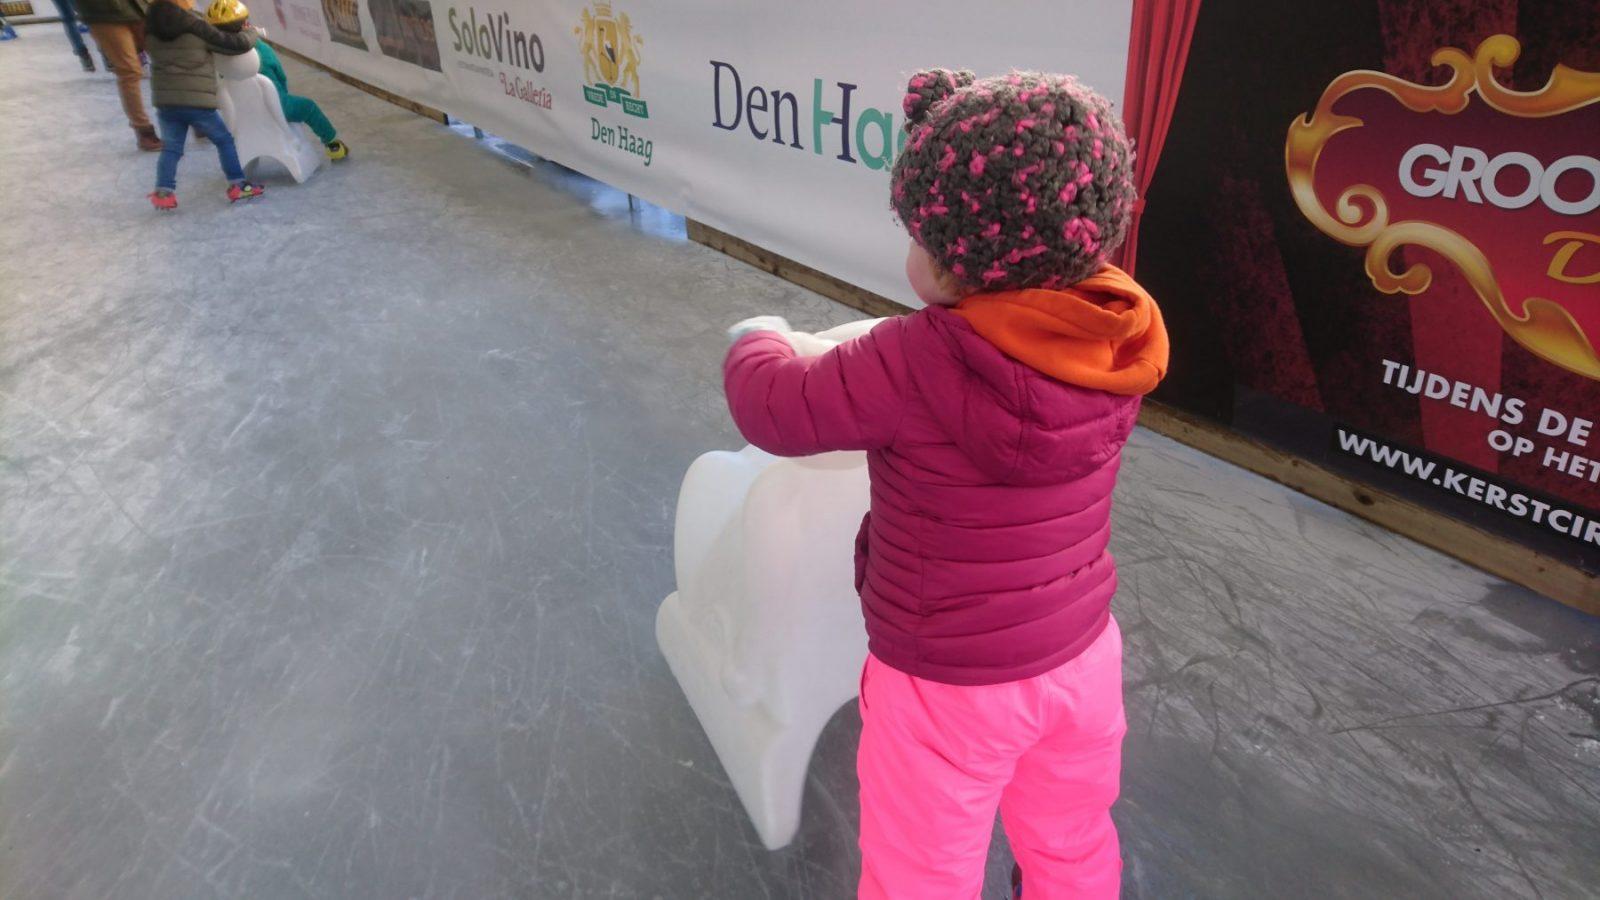 Kerstweekend schaatsen